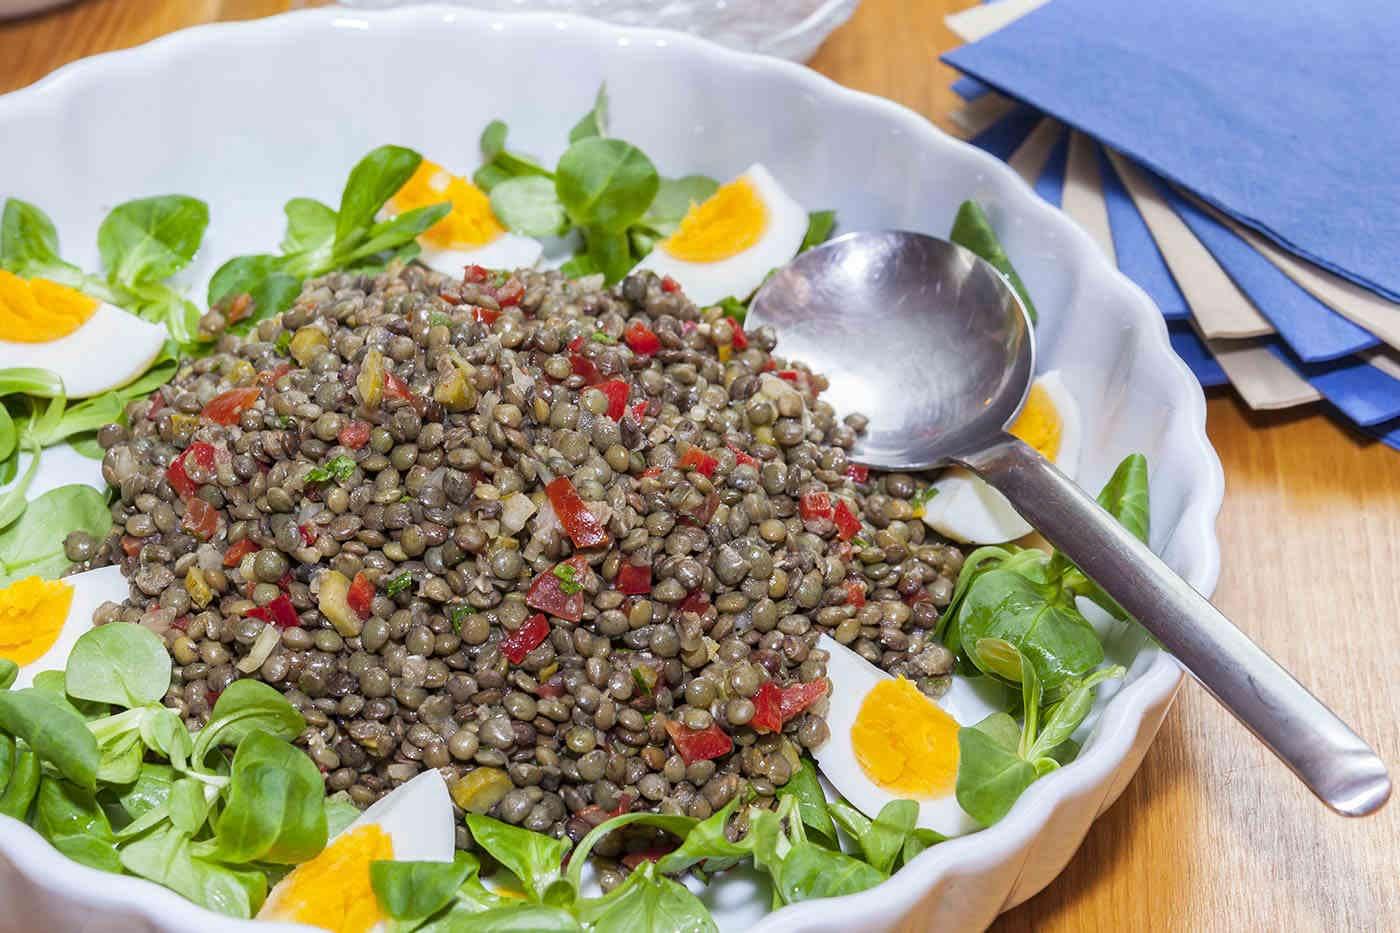 Ce alimente bogate în proteine ai la dispoziție dacă nu consumi carne?